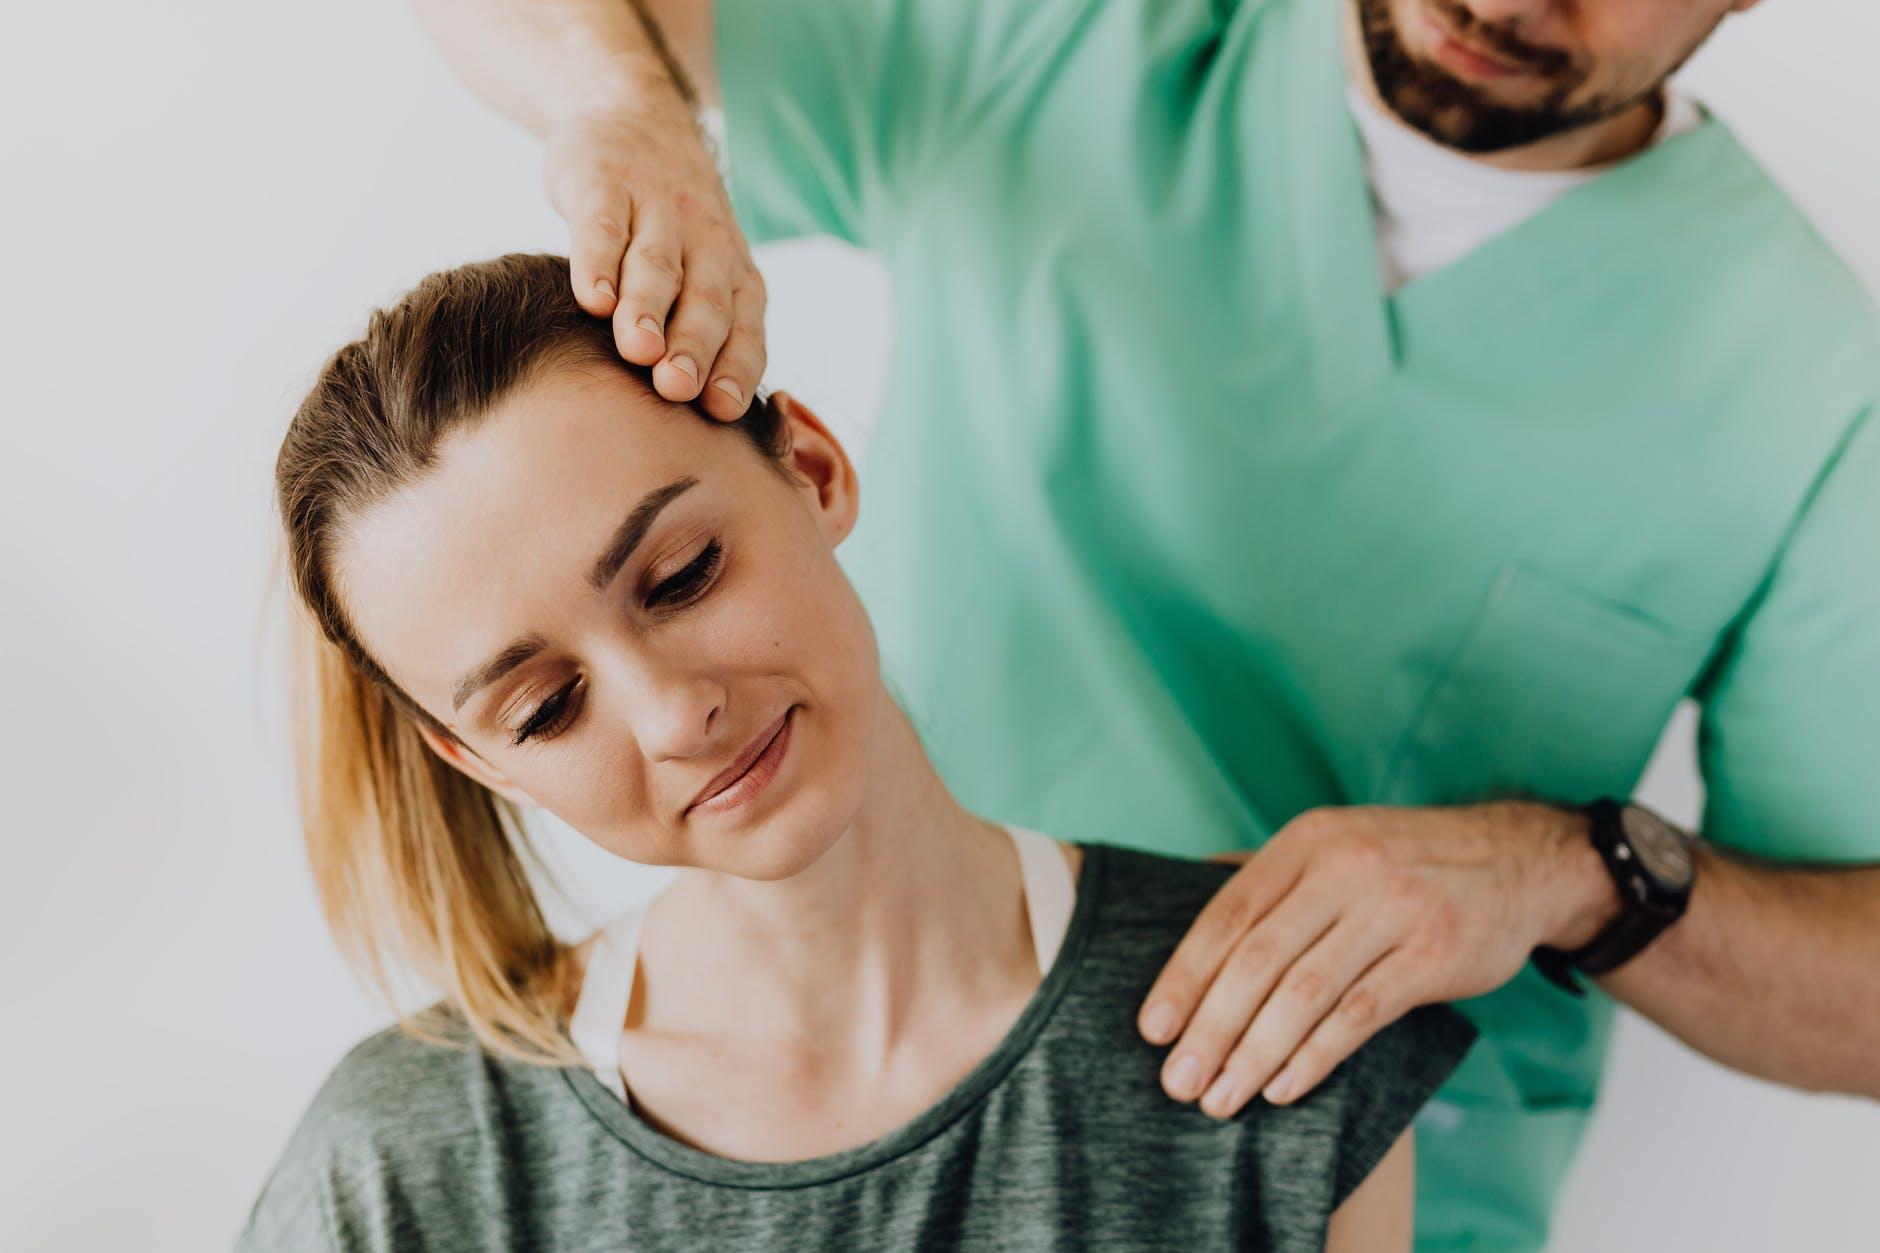 Disturbi Muscolo-Scheletrici (DMS) – indicazioni pratiche efficaci